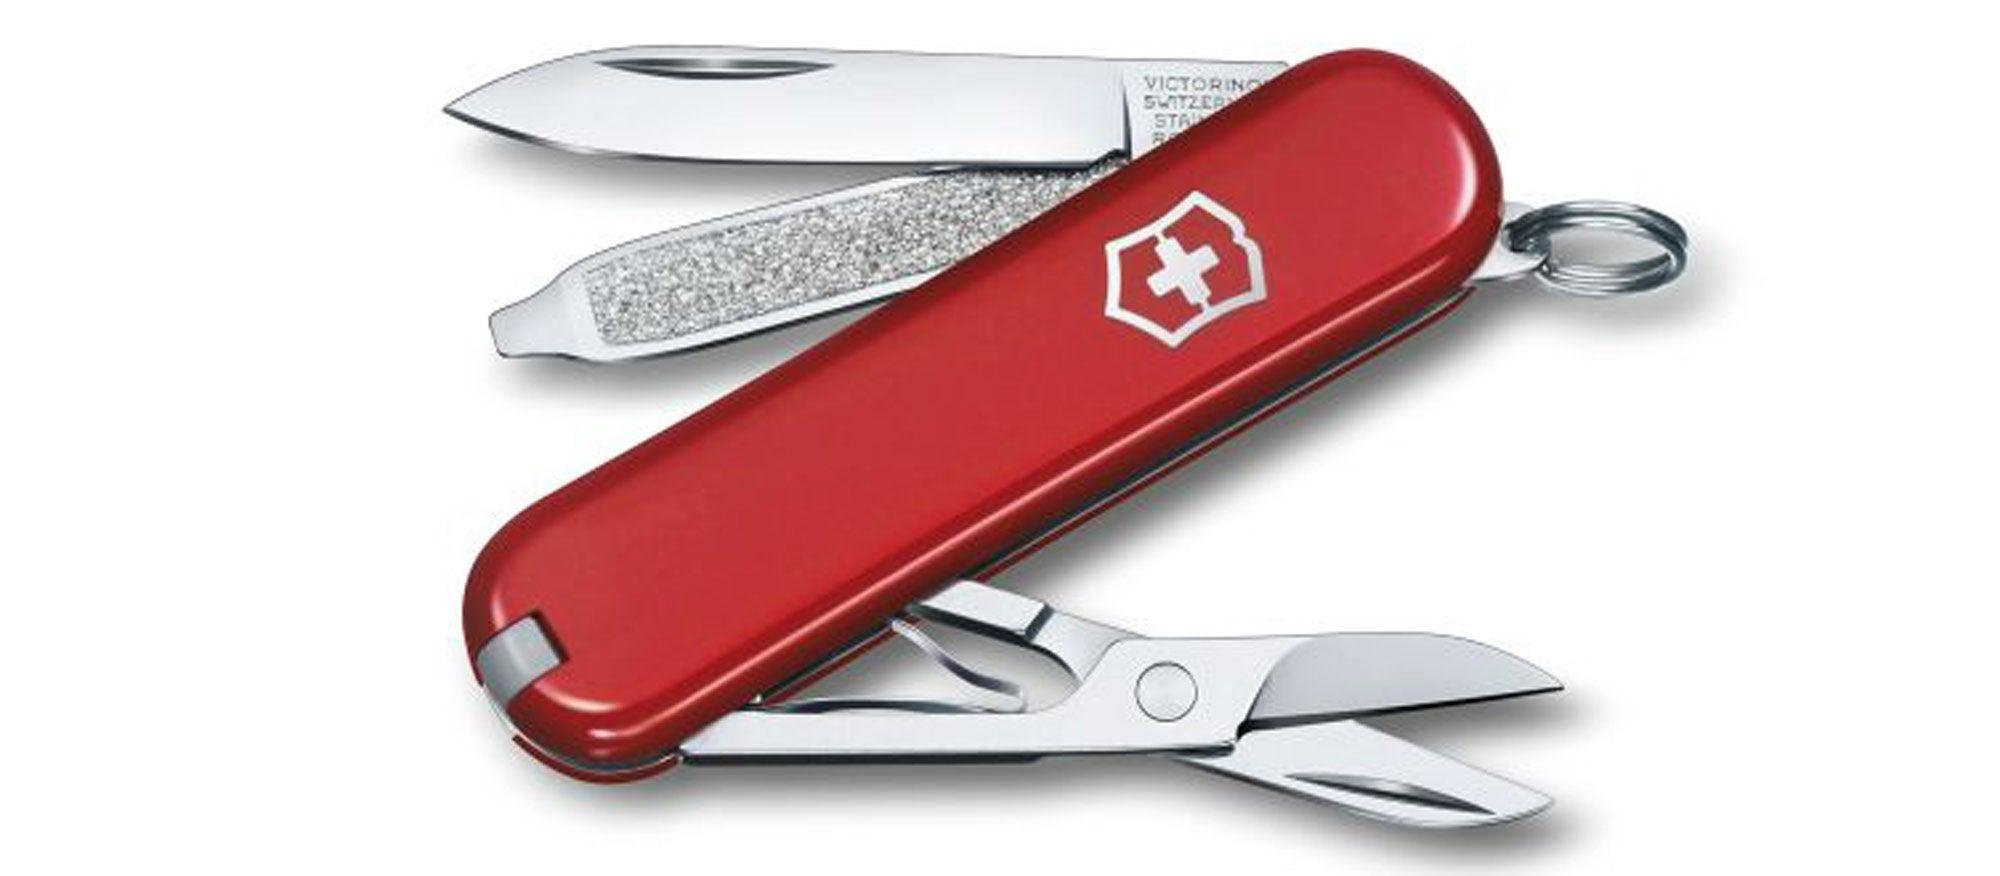 victorinox mini swiss army knife